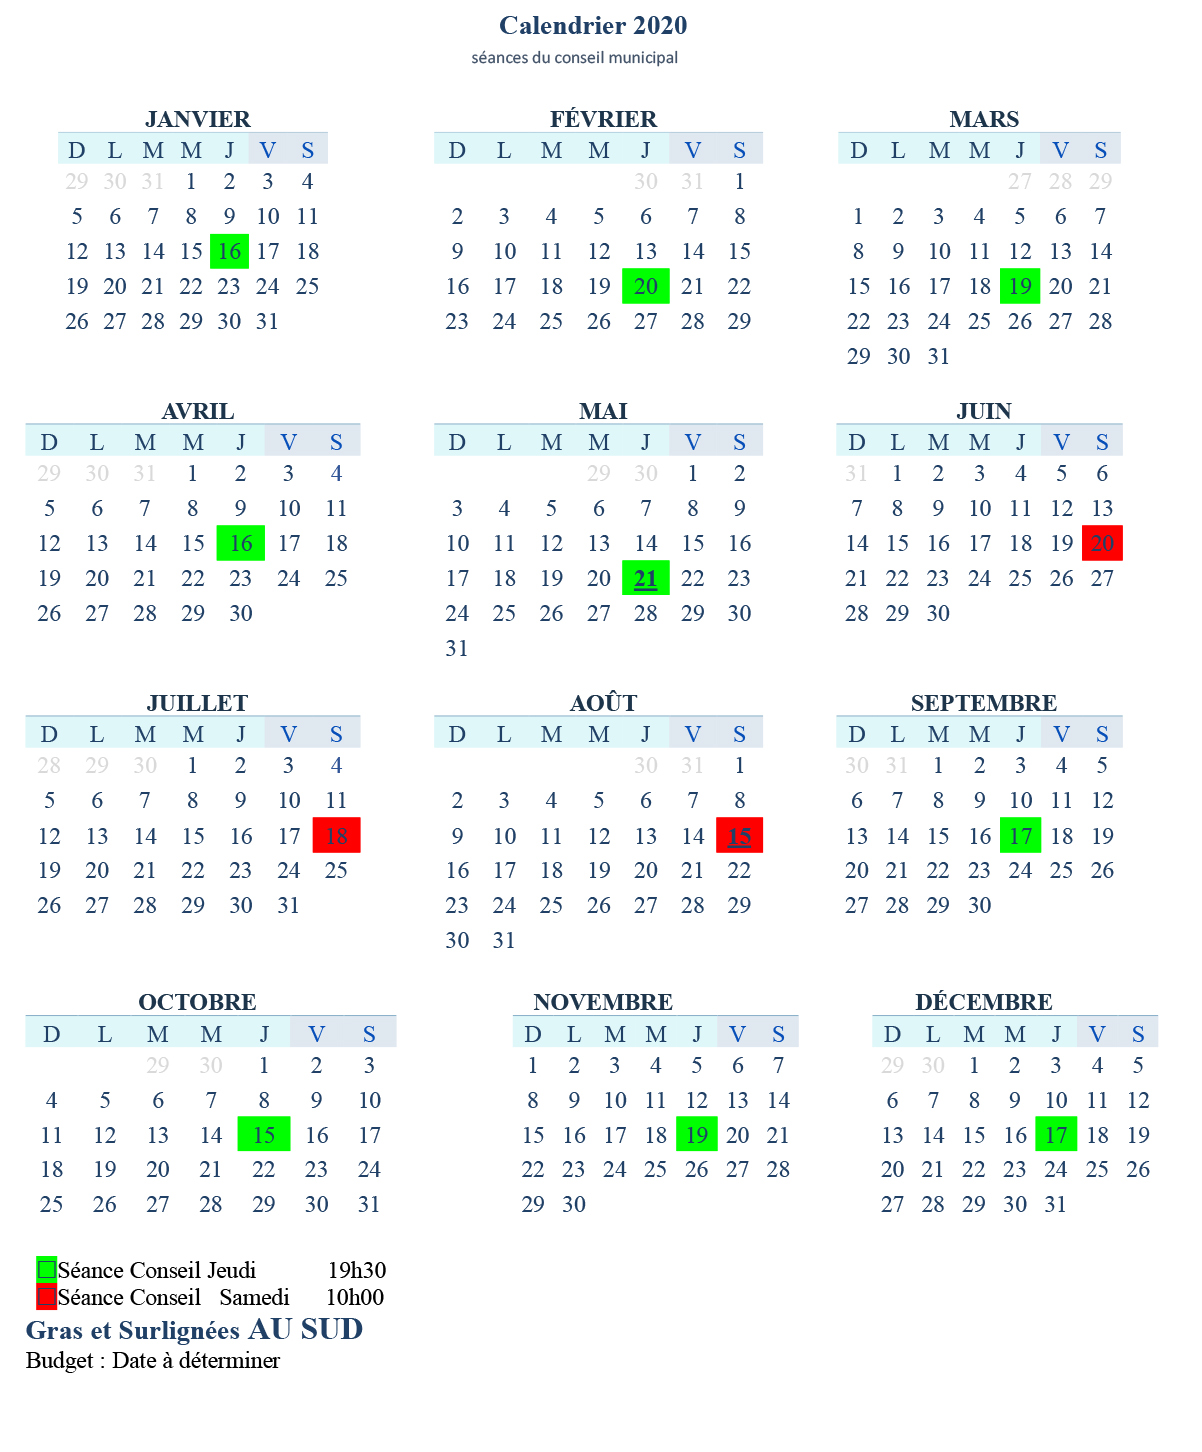 Calendrier 2020 des séances du conseil municipal de Lac-des-Seize-Îles